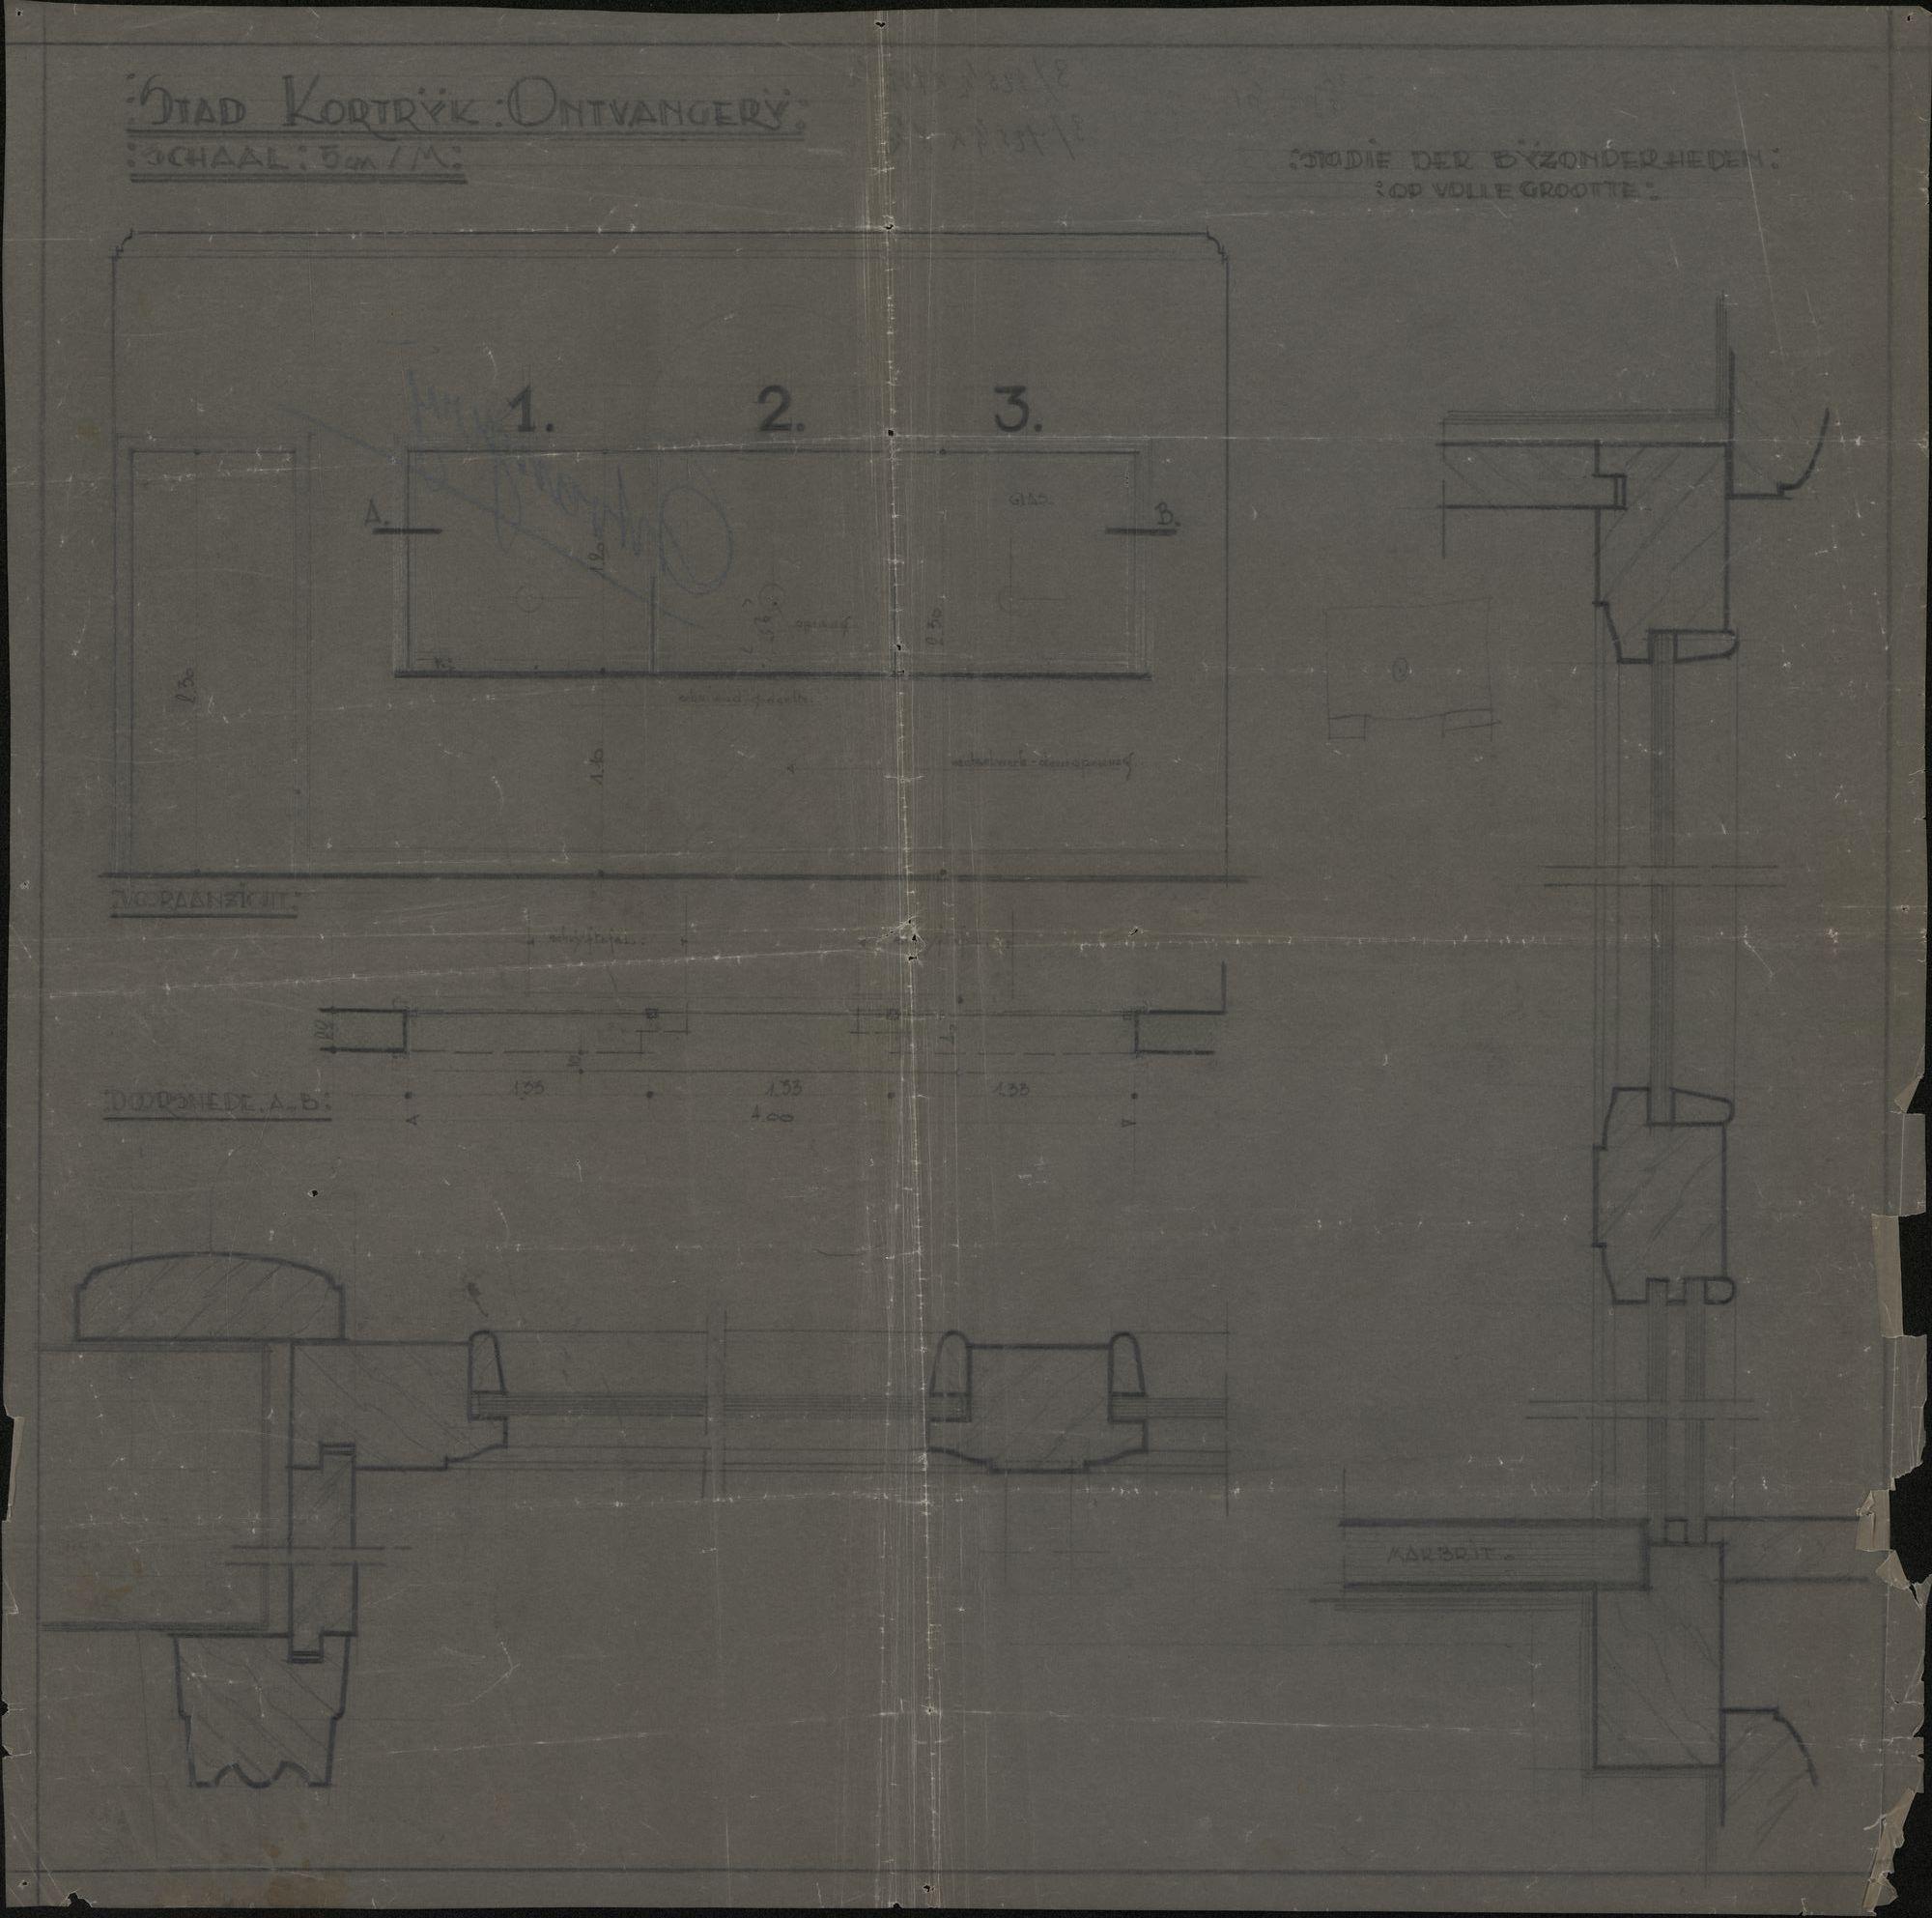 Bouwplan van de bouw van een ruimte in het stadhuis voor de ontvanger te Kortrijk, 19de-20ste eeuw